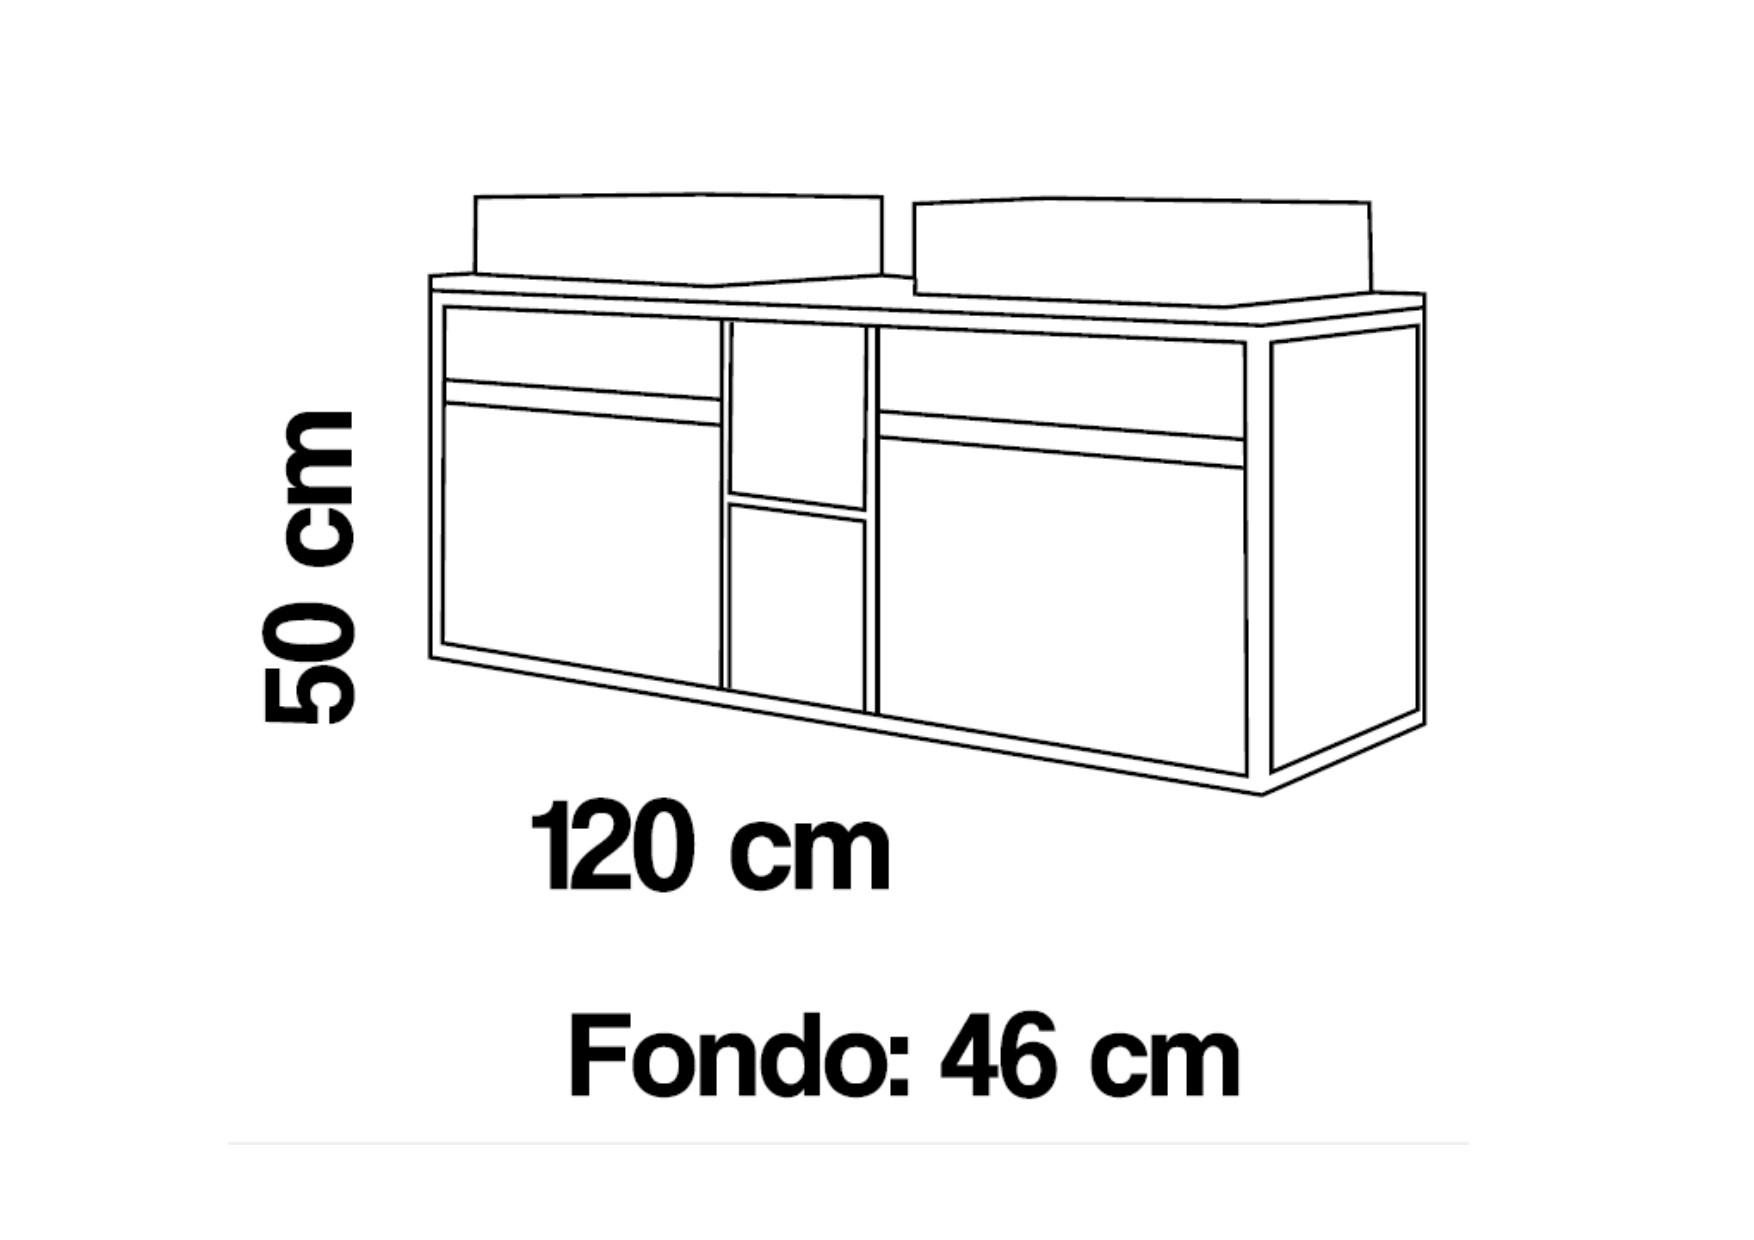 Medida Katus 120 cm